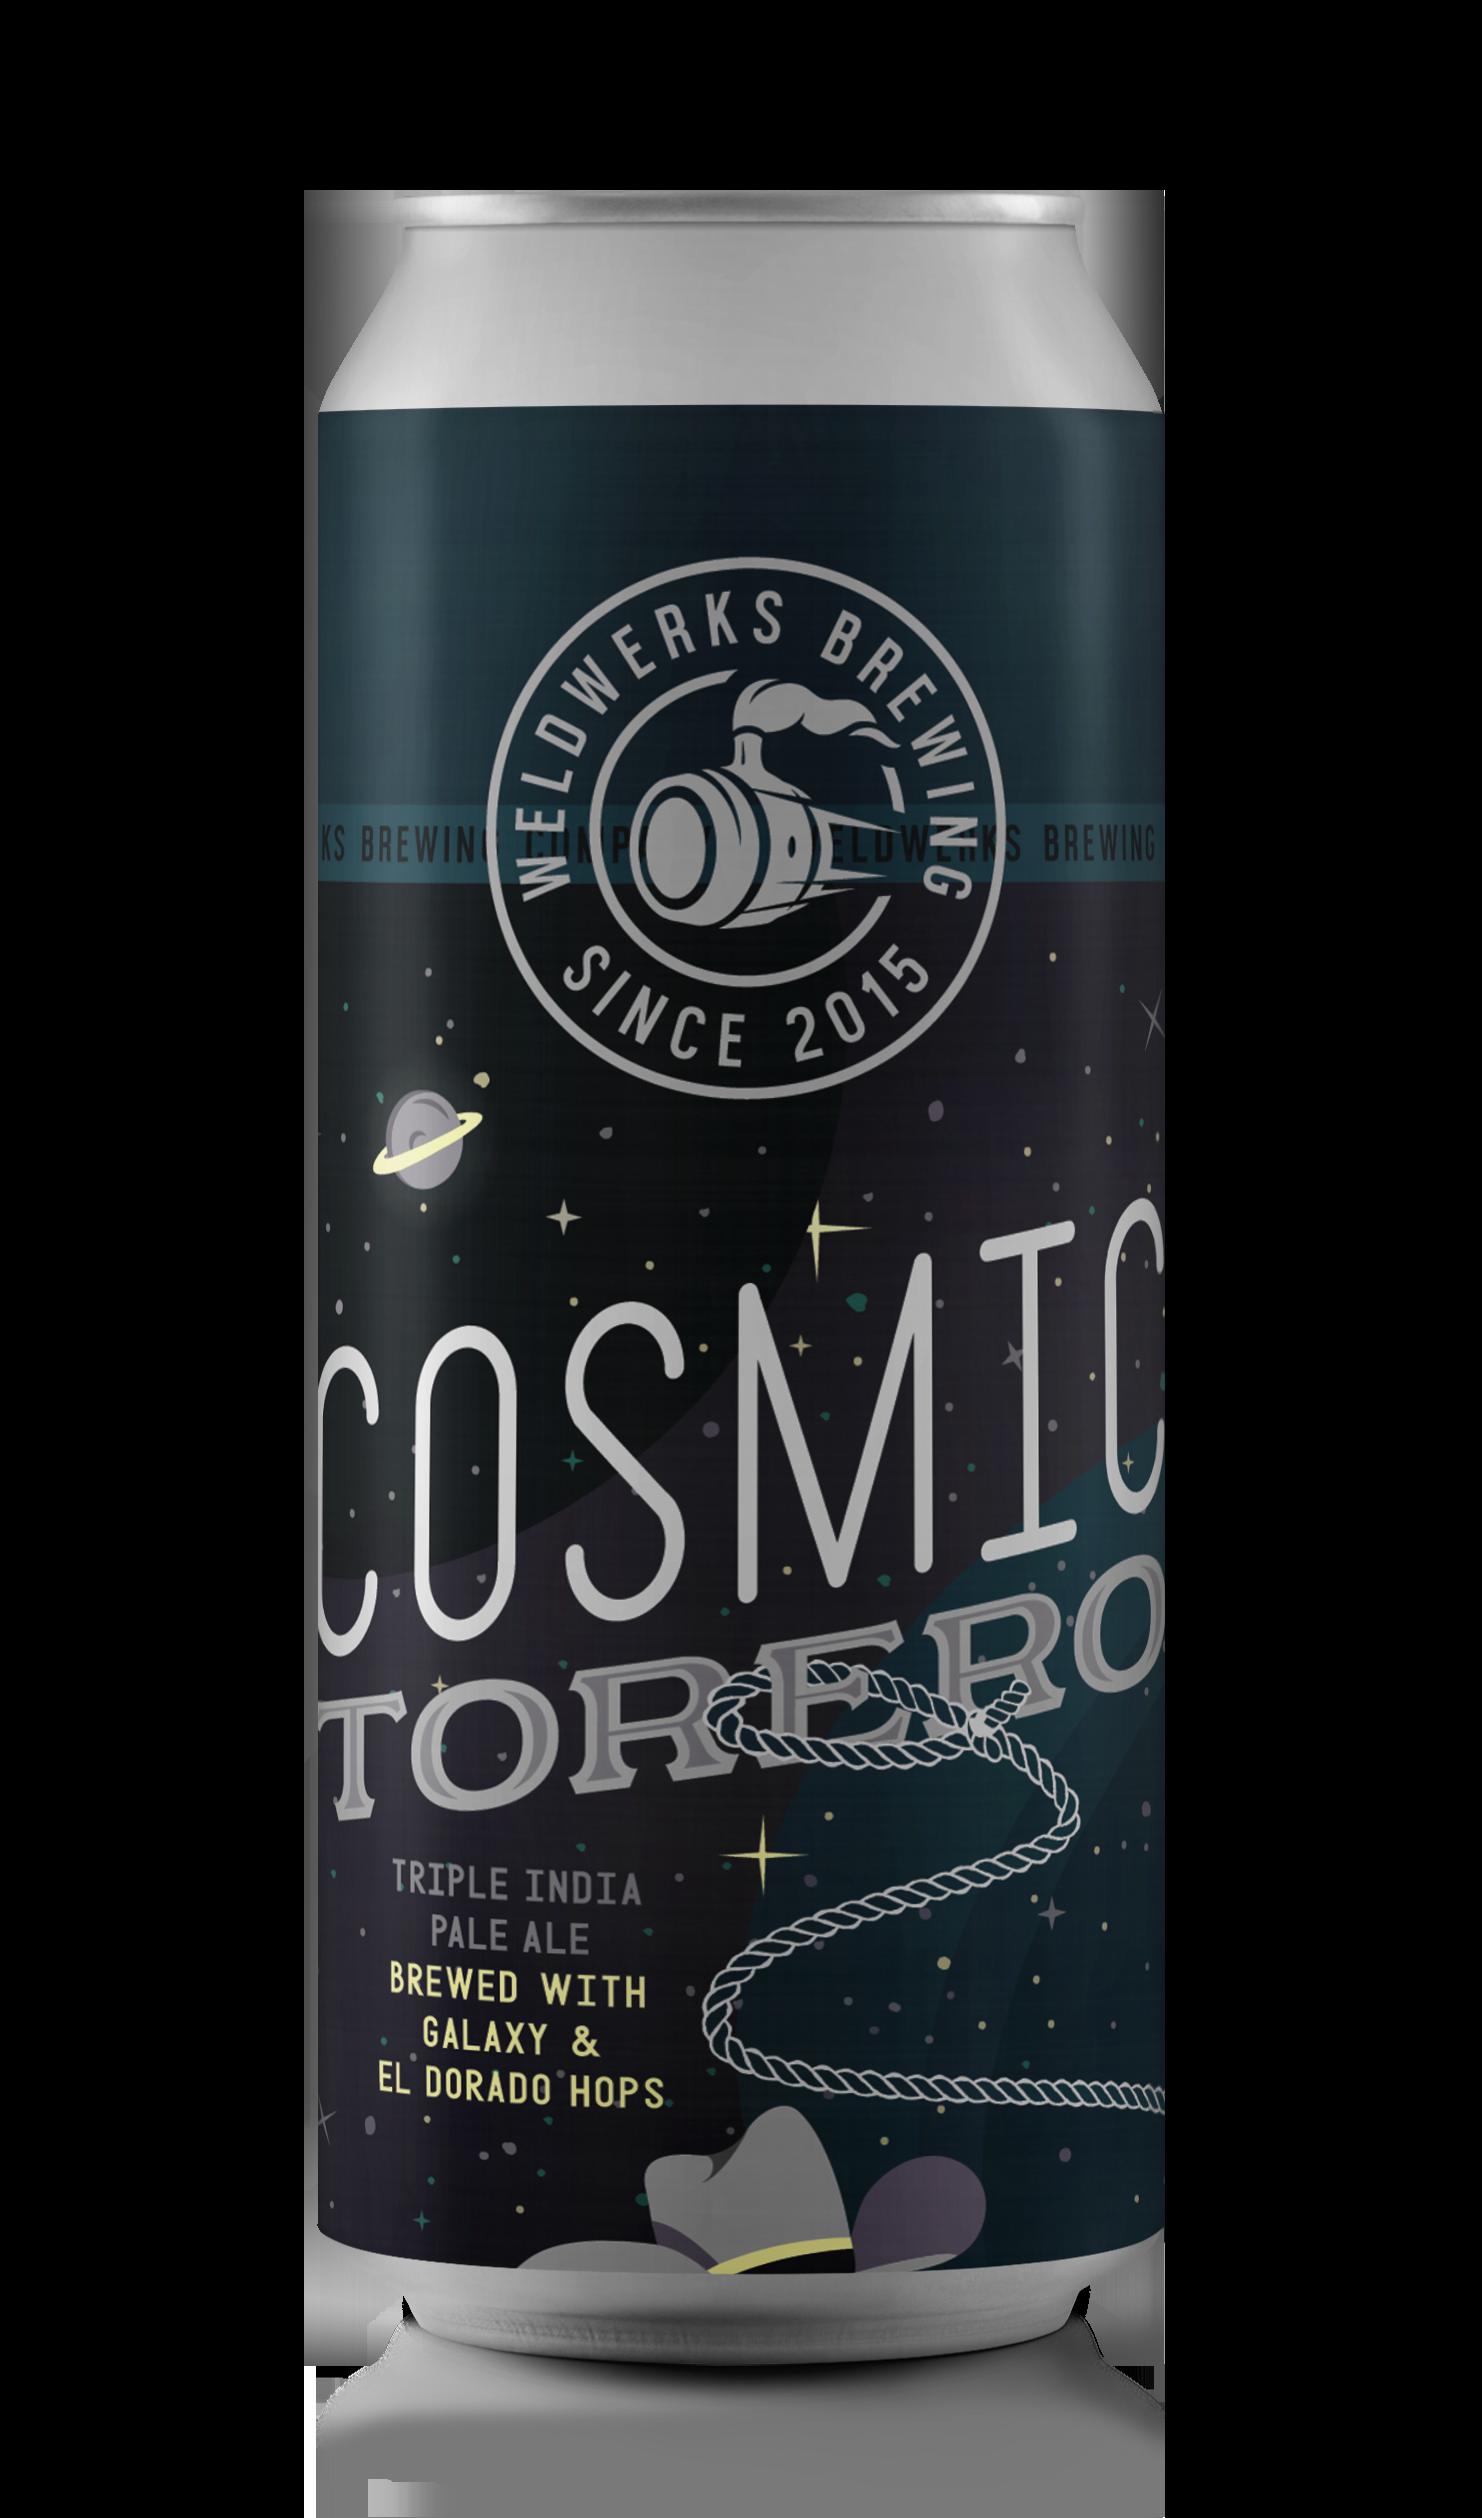 Cosmic Torero